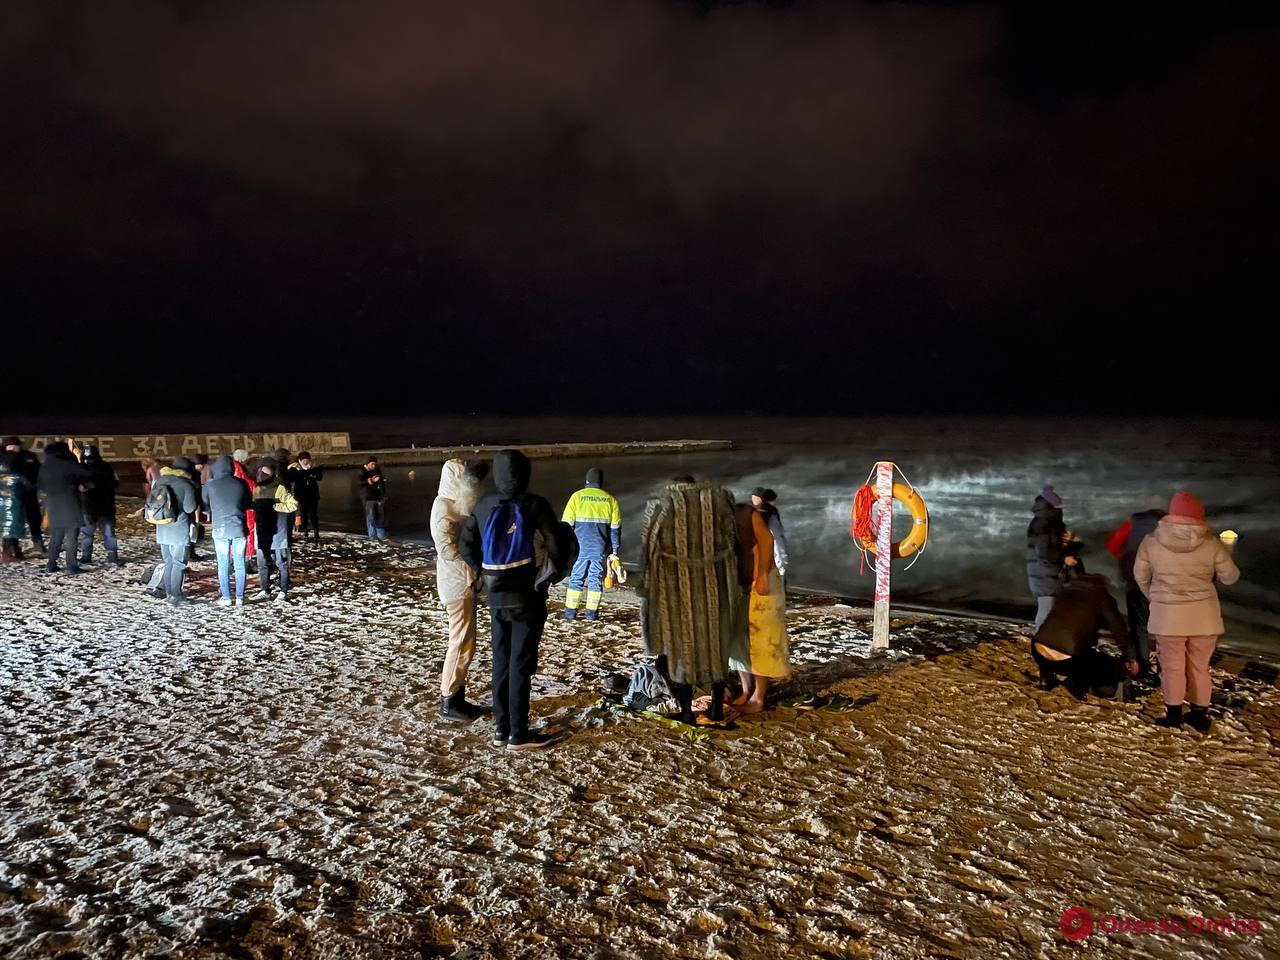 Крещенские купания в -15: в ледяное море ночью окунулись десятки одесситов (фоторепортаж)